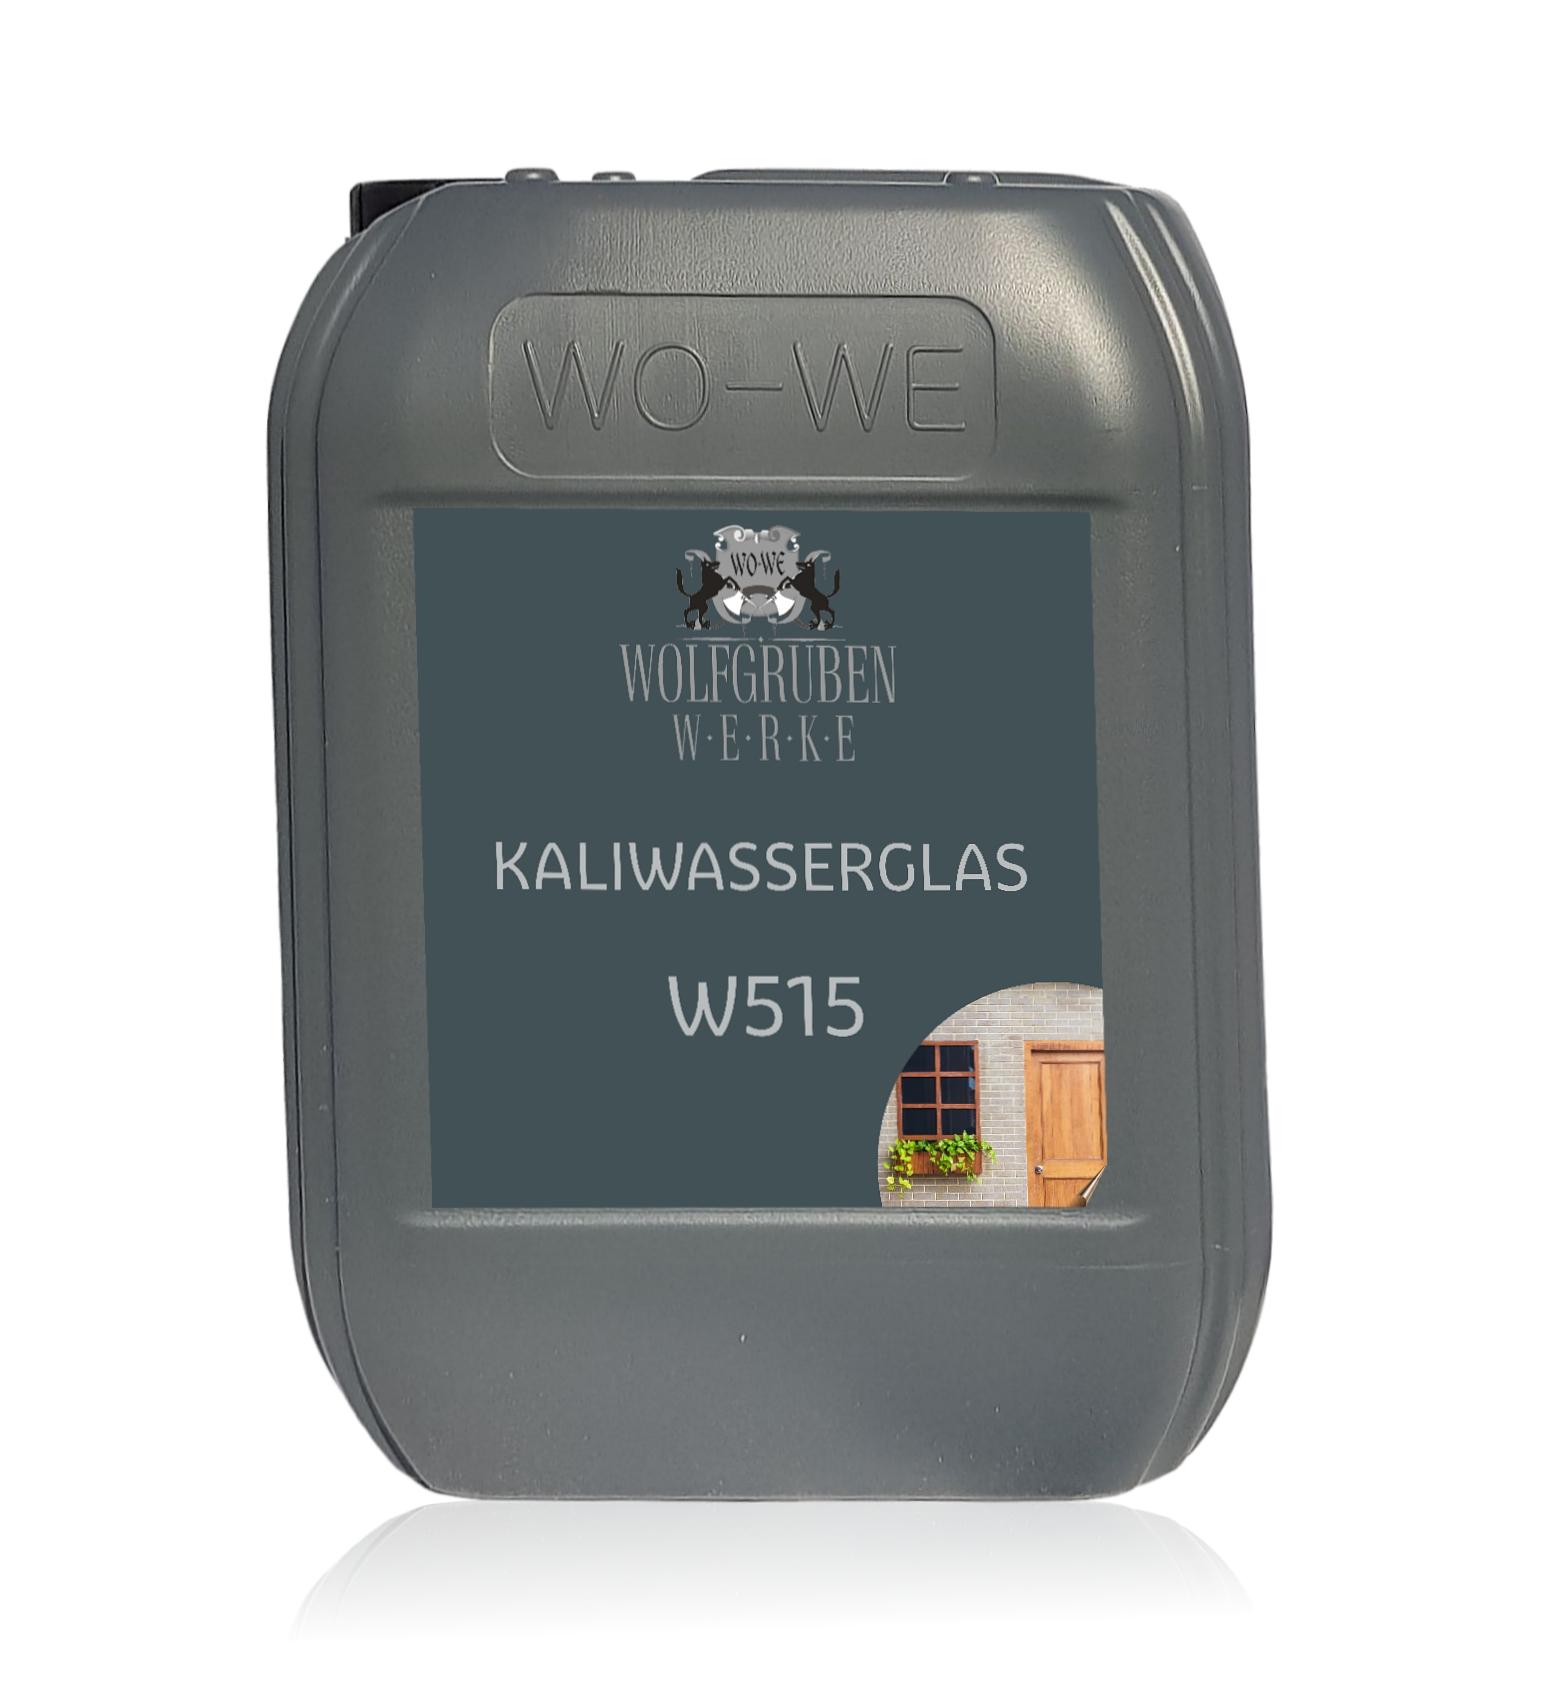 W515.jpg?dl=0